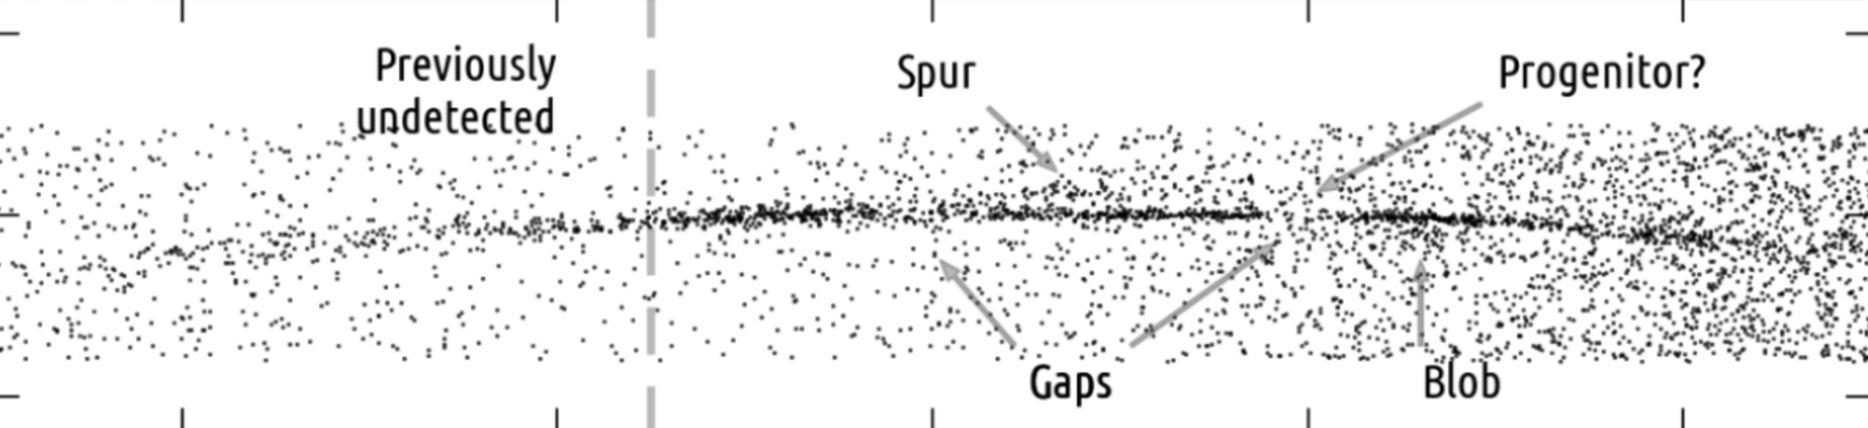 Esta imagen de la presentación de Bonaca muestra el mapa más detallado hasta el momento de GD-1, revelando la aparente segunda brecha y el estímulo